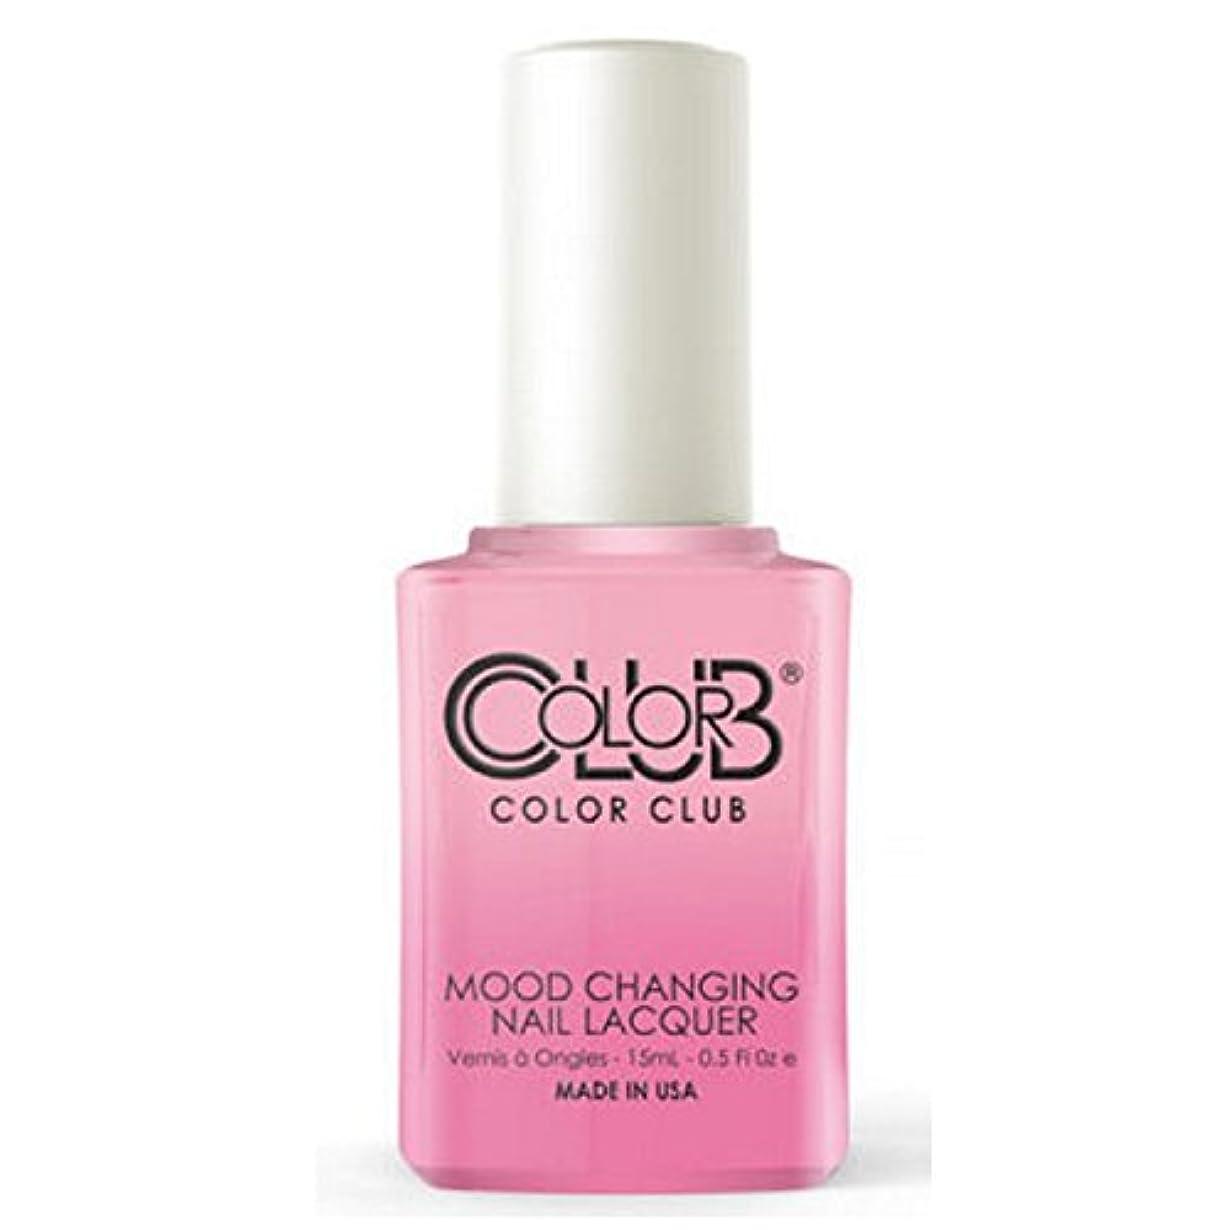 アルコーブオークぴかぴかColor Club Mood Changing Nail Lacquer - Enlightened - 15 mL / 0.5 fl oz